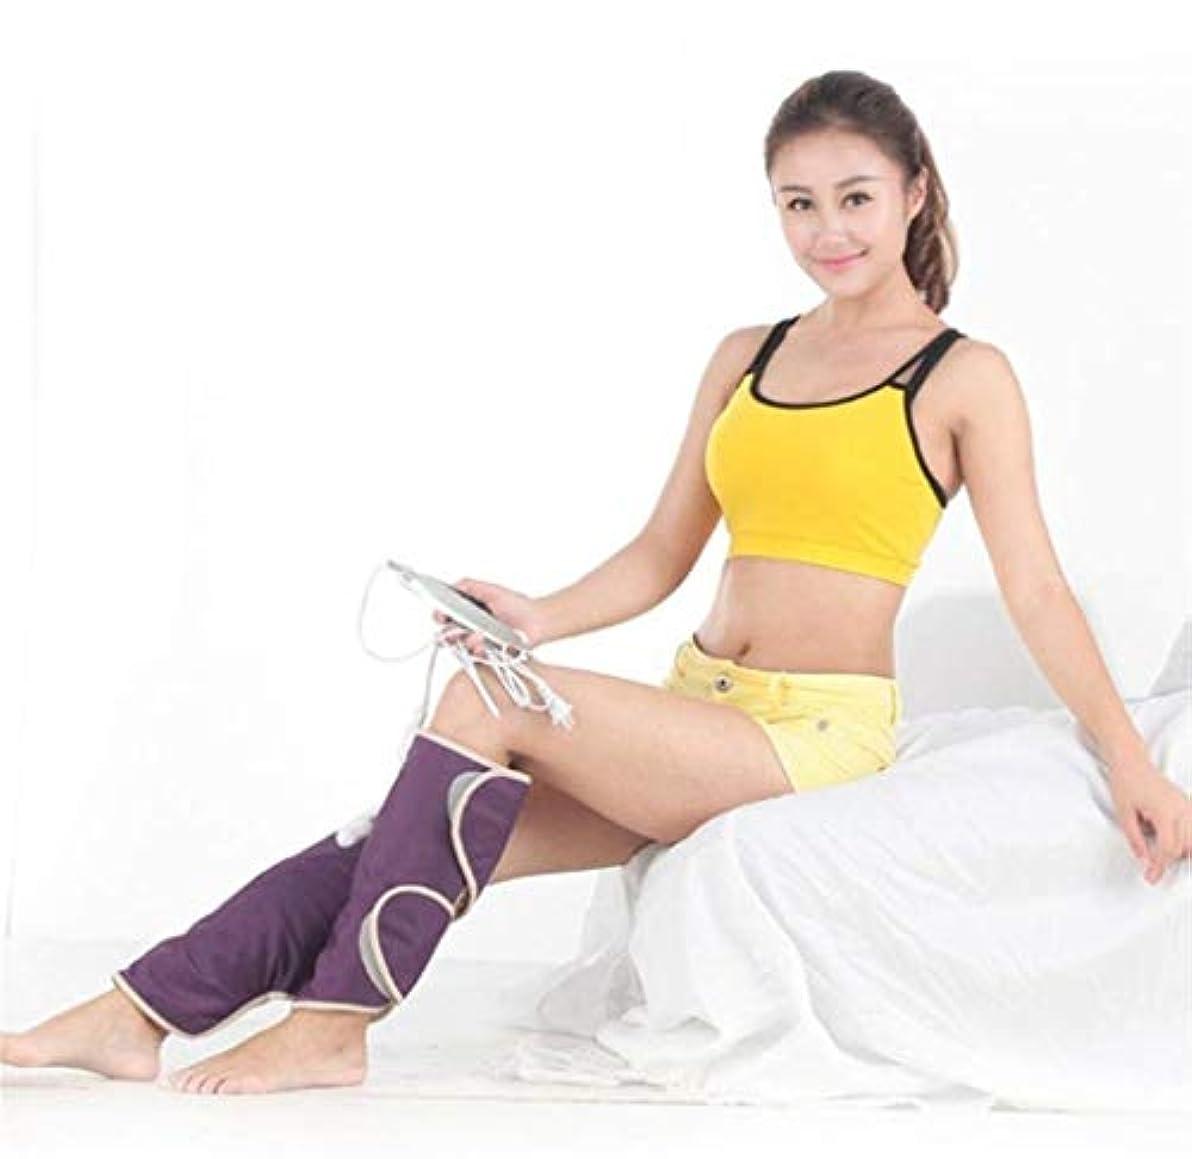 眼邪悪なアヒル電気マッサージ器、遠赤外線電気膝パッド、3つの振動モード、理学療法装置、血液循環の促進、筋肉の弛緩